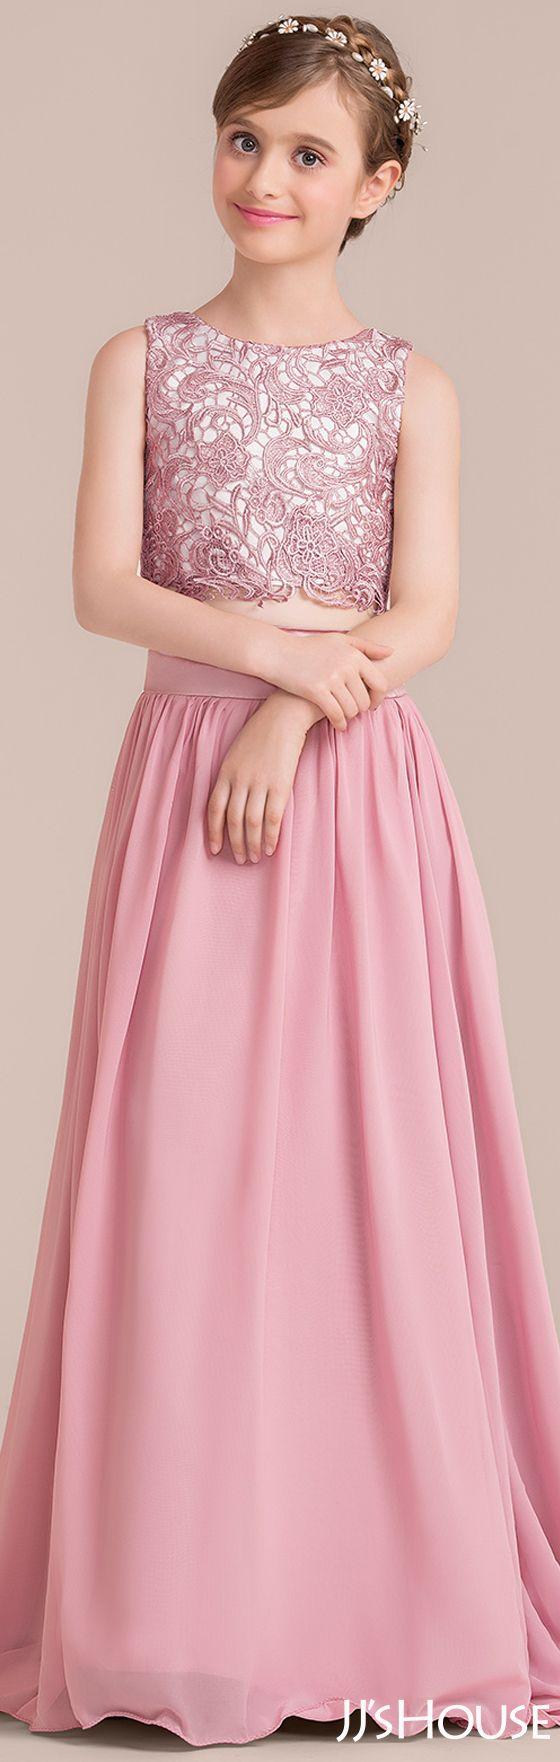 A-Line/Princess Scoop Neck Floor-Length Chiffon Junior Bridesmaid ...